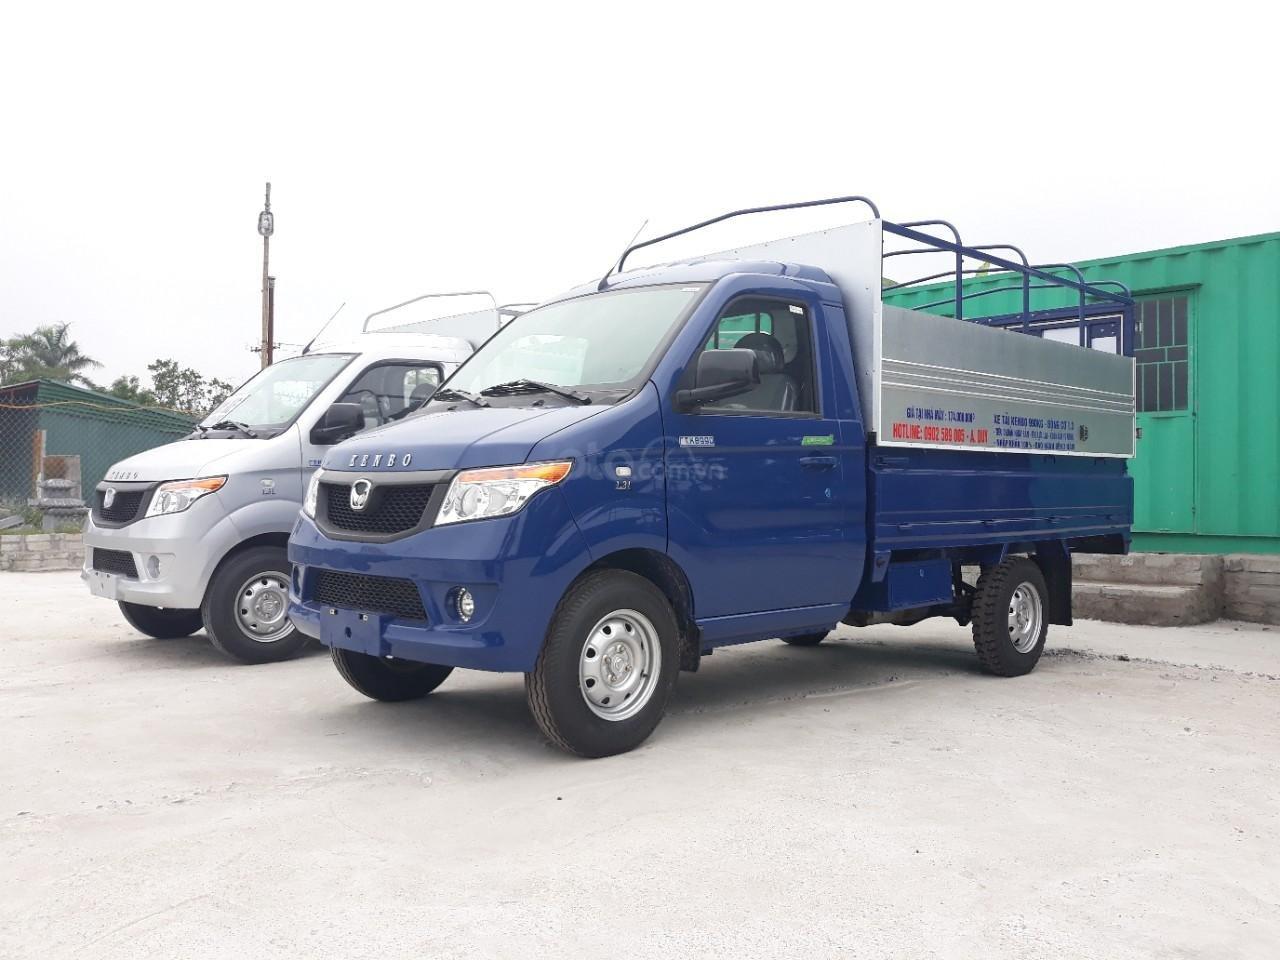 Bán xe tải Kenbo 990 Kg tại Hưng Yên, xe giá ưu đãi (2)